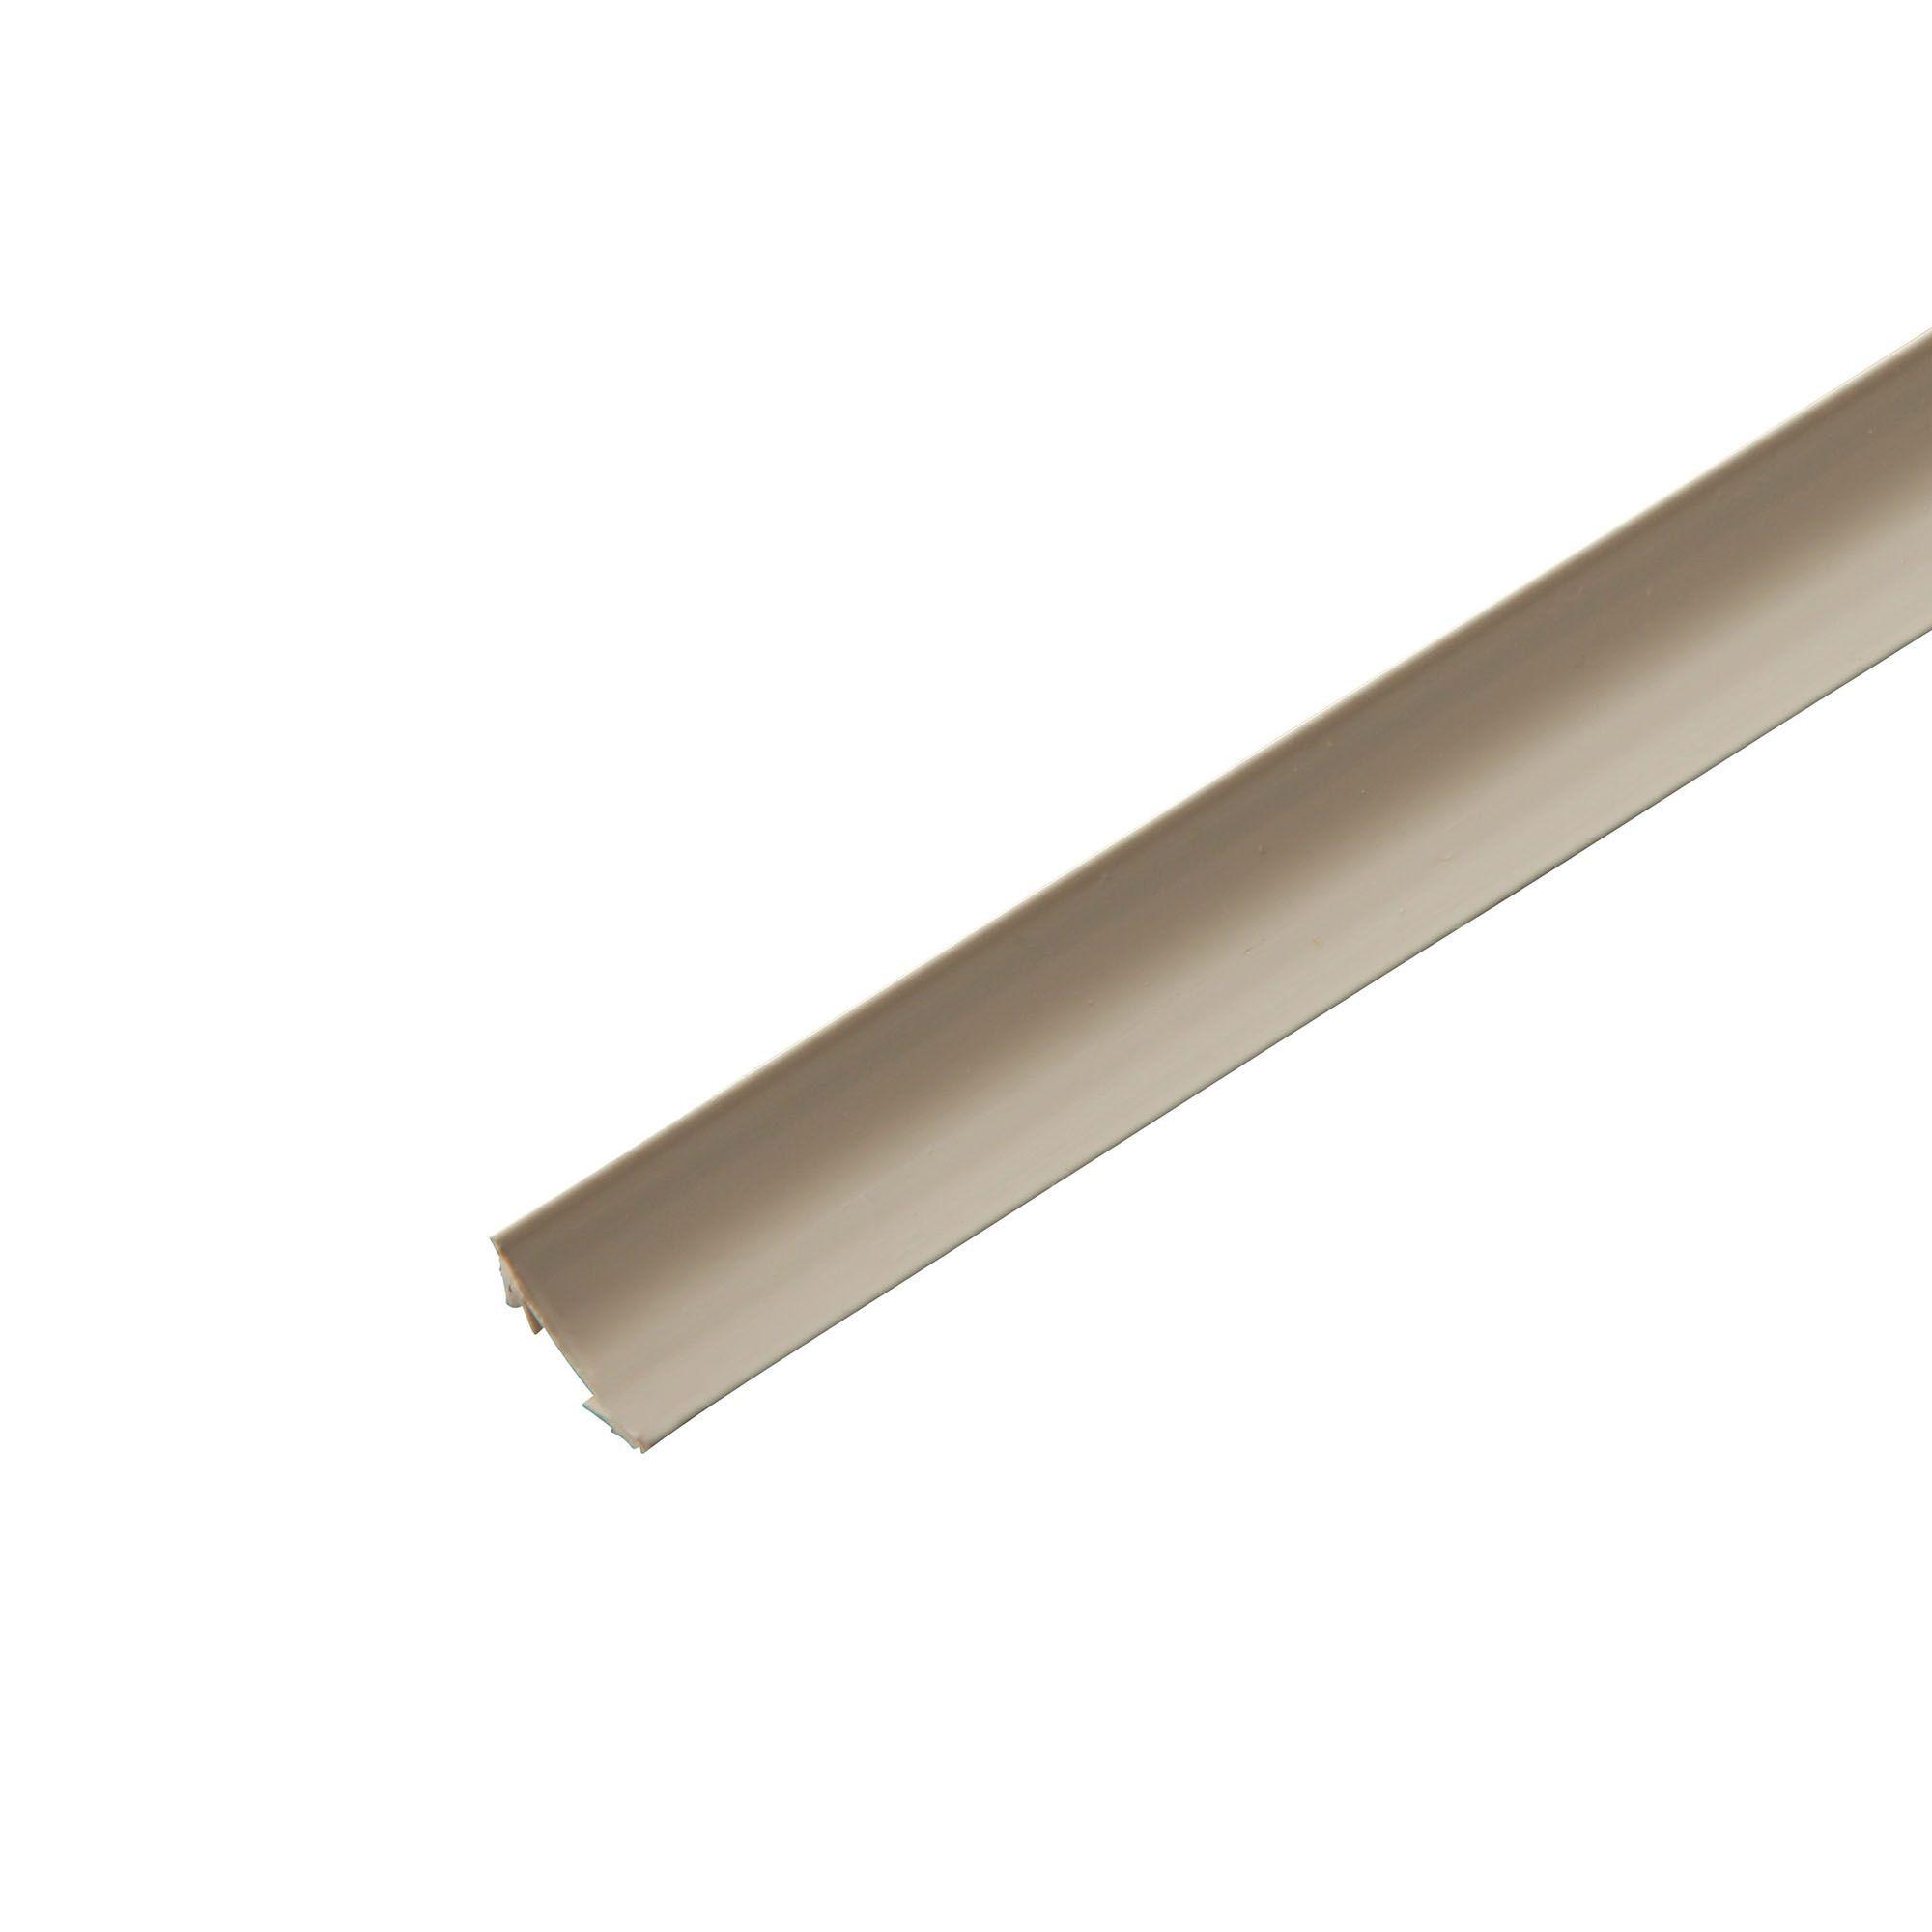 PVC Scotia moulding (T)18mm (W)18mm (L)2400mm